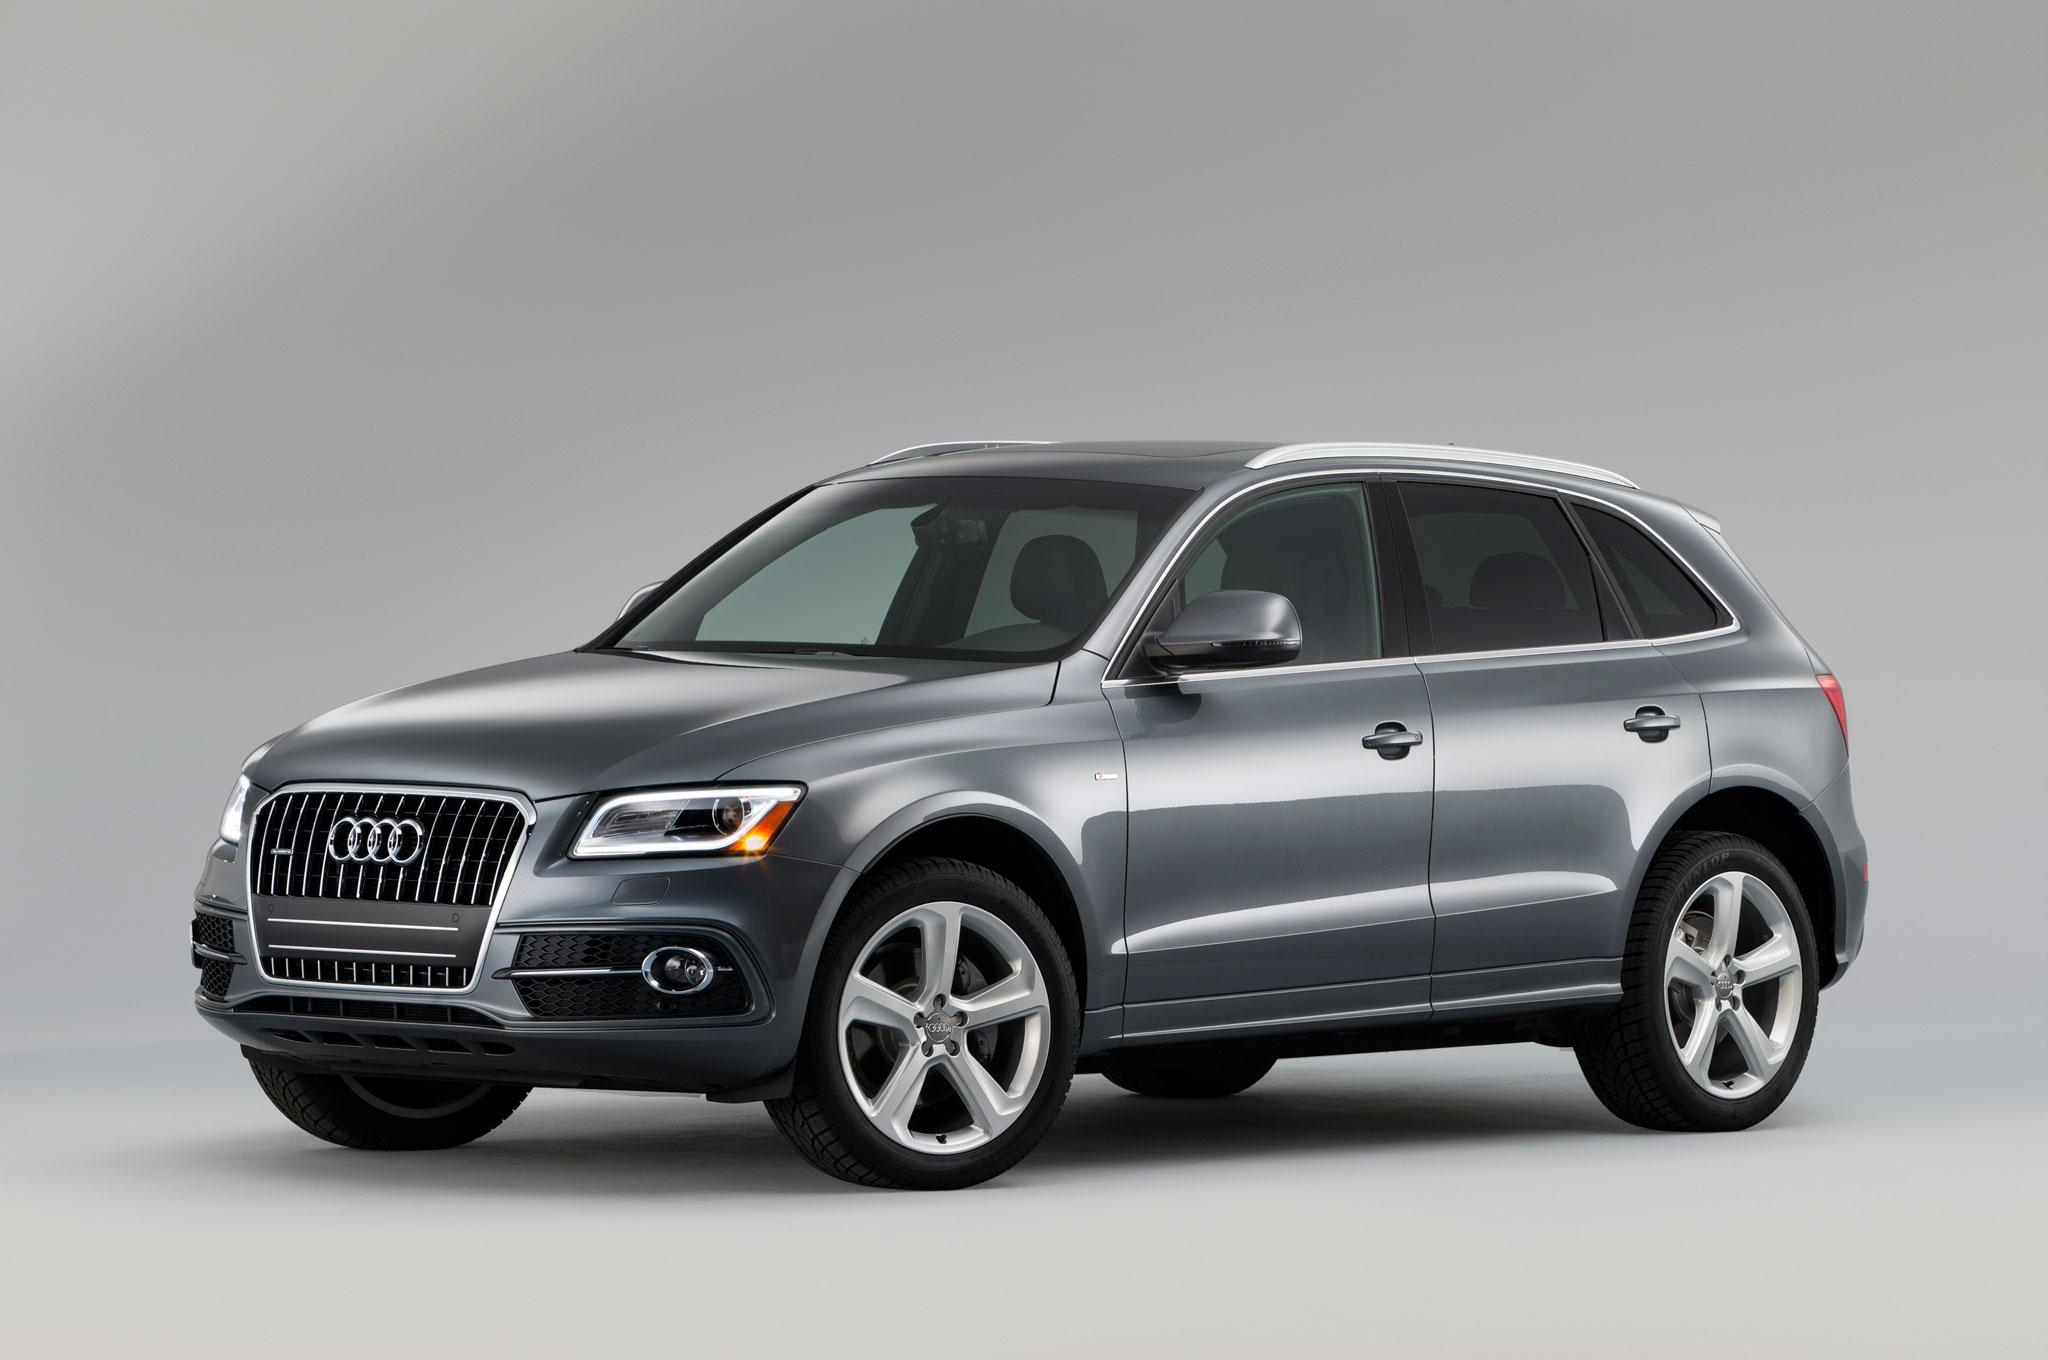 2017 Audi Q5 S Line Front View